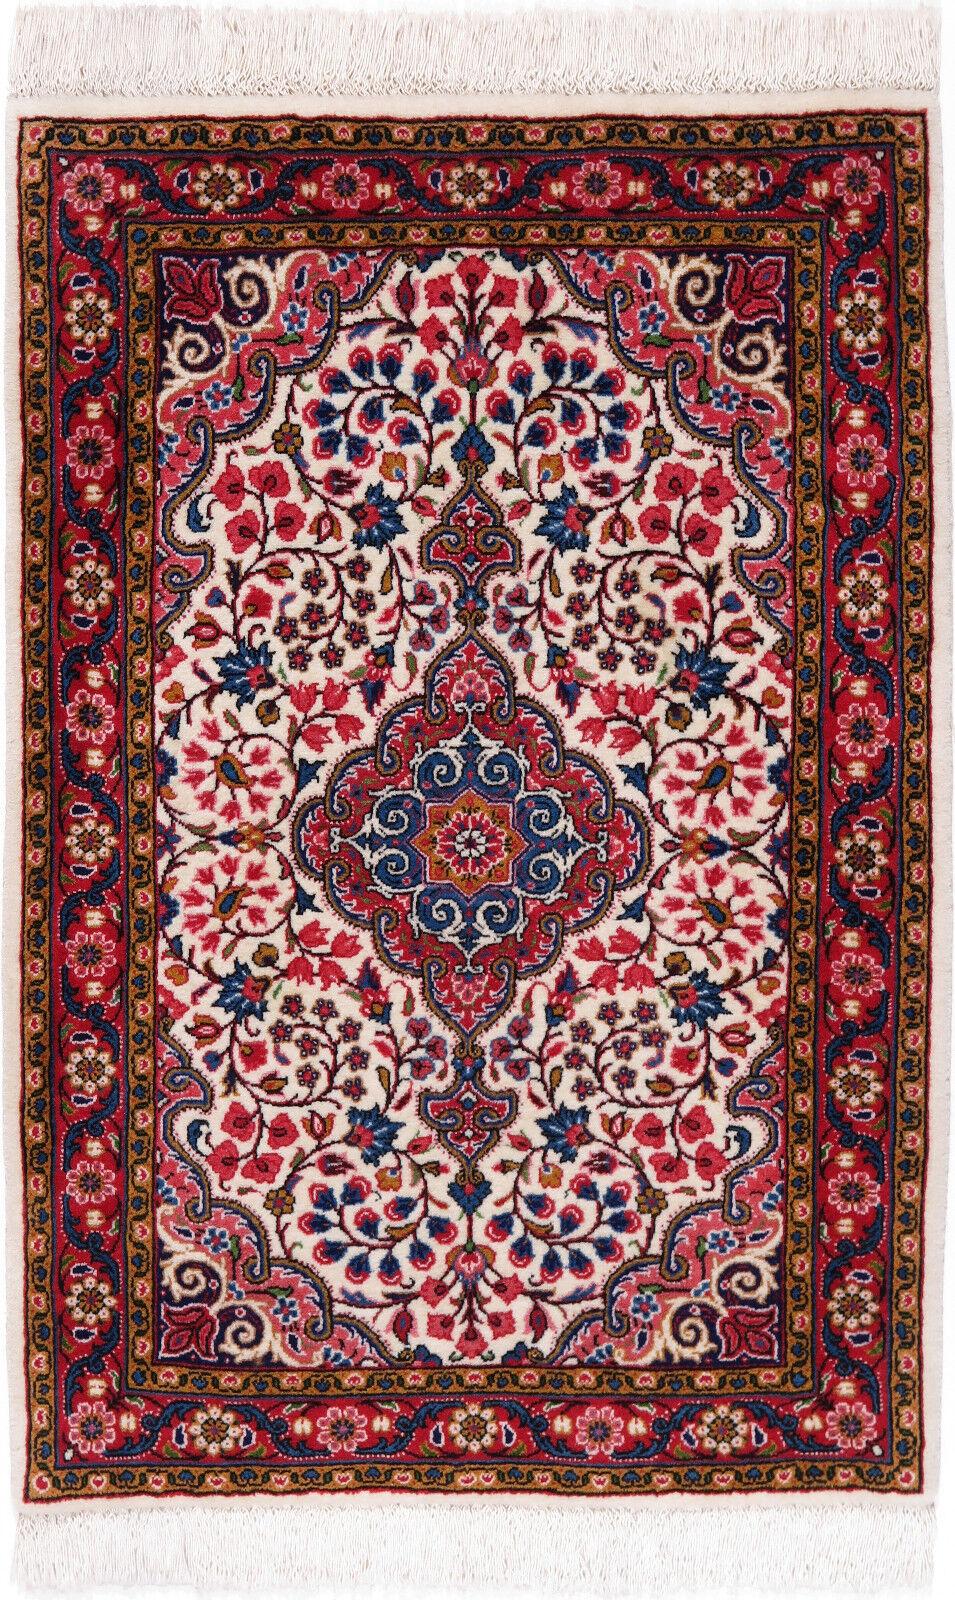 MALAYER TAPPETO RUG CARPET parte di Tapis tapijt Tappeto Alfombra Orient Persiani arte natura